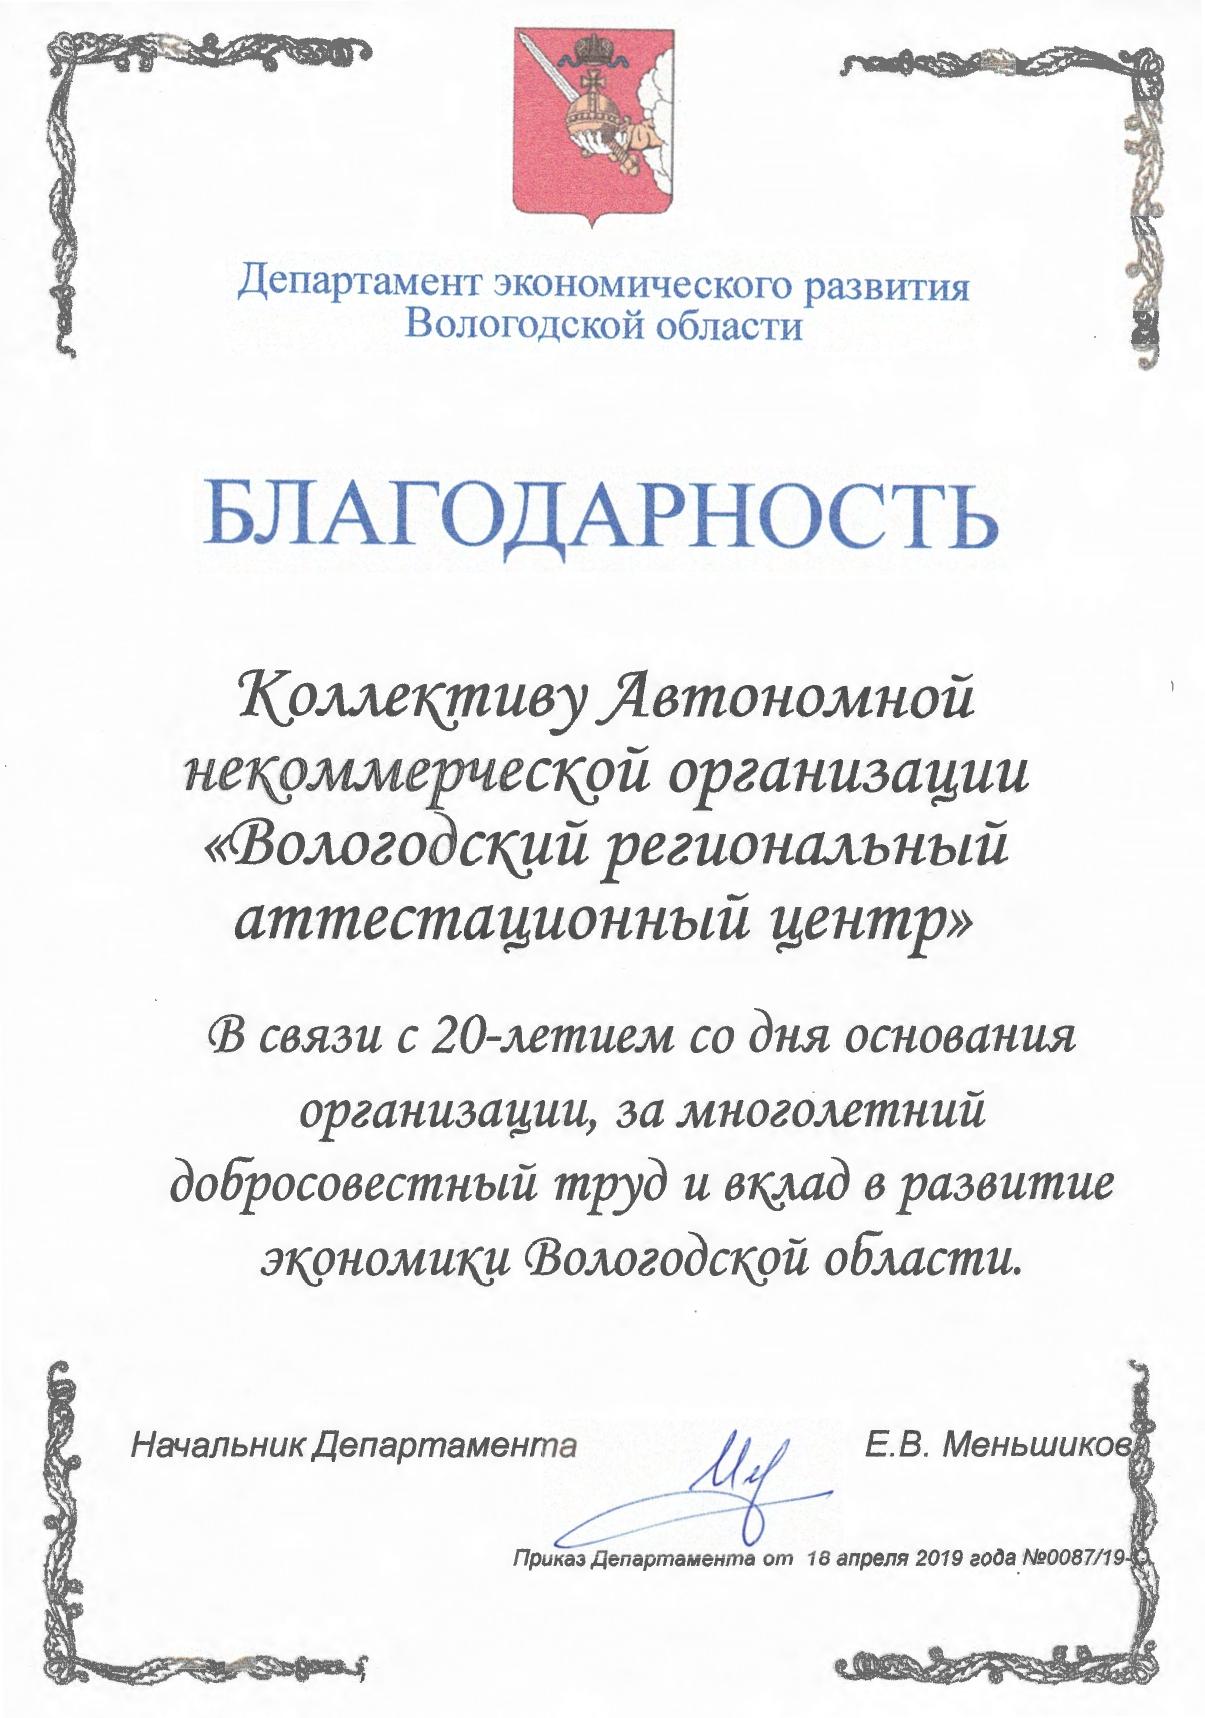 2 Приказ Департамента экономического развития ВО_page-0001